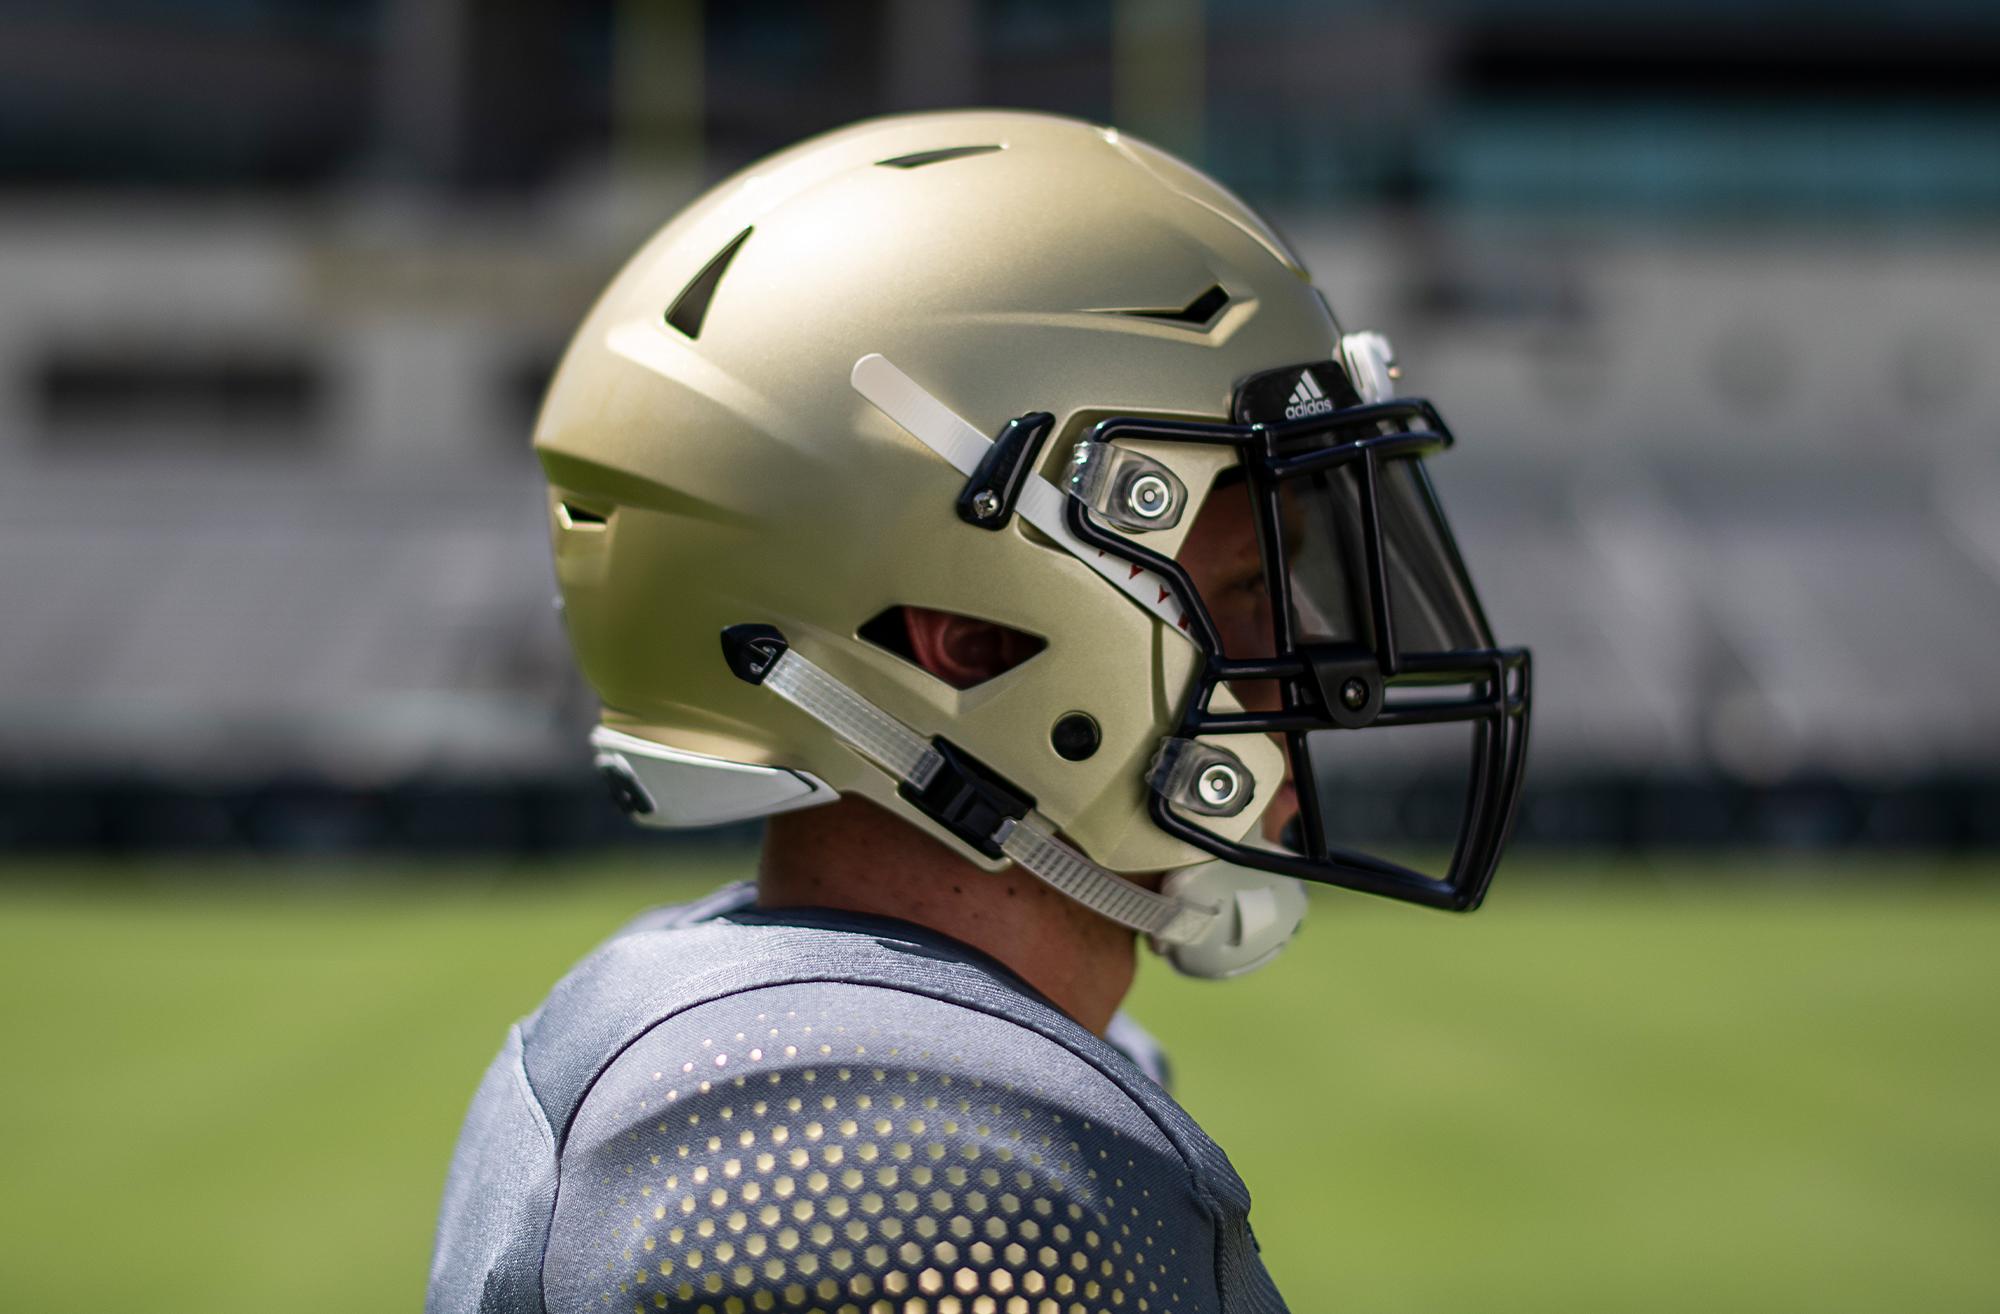 adidas_NCAA_Football_OnField_Detail_GATech1_2000x1314.jpg